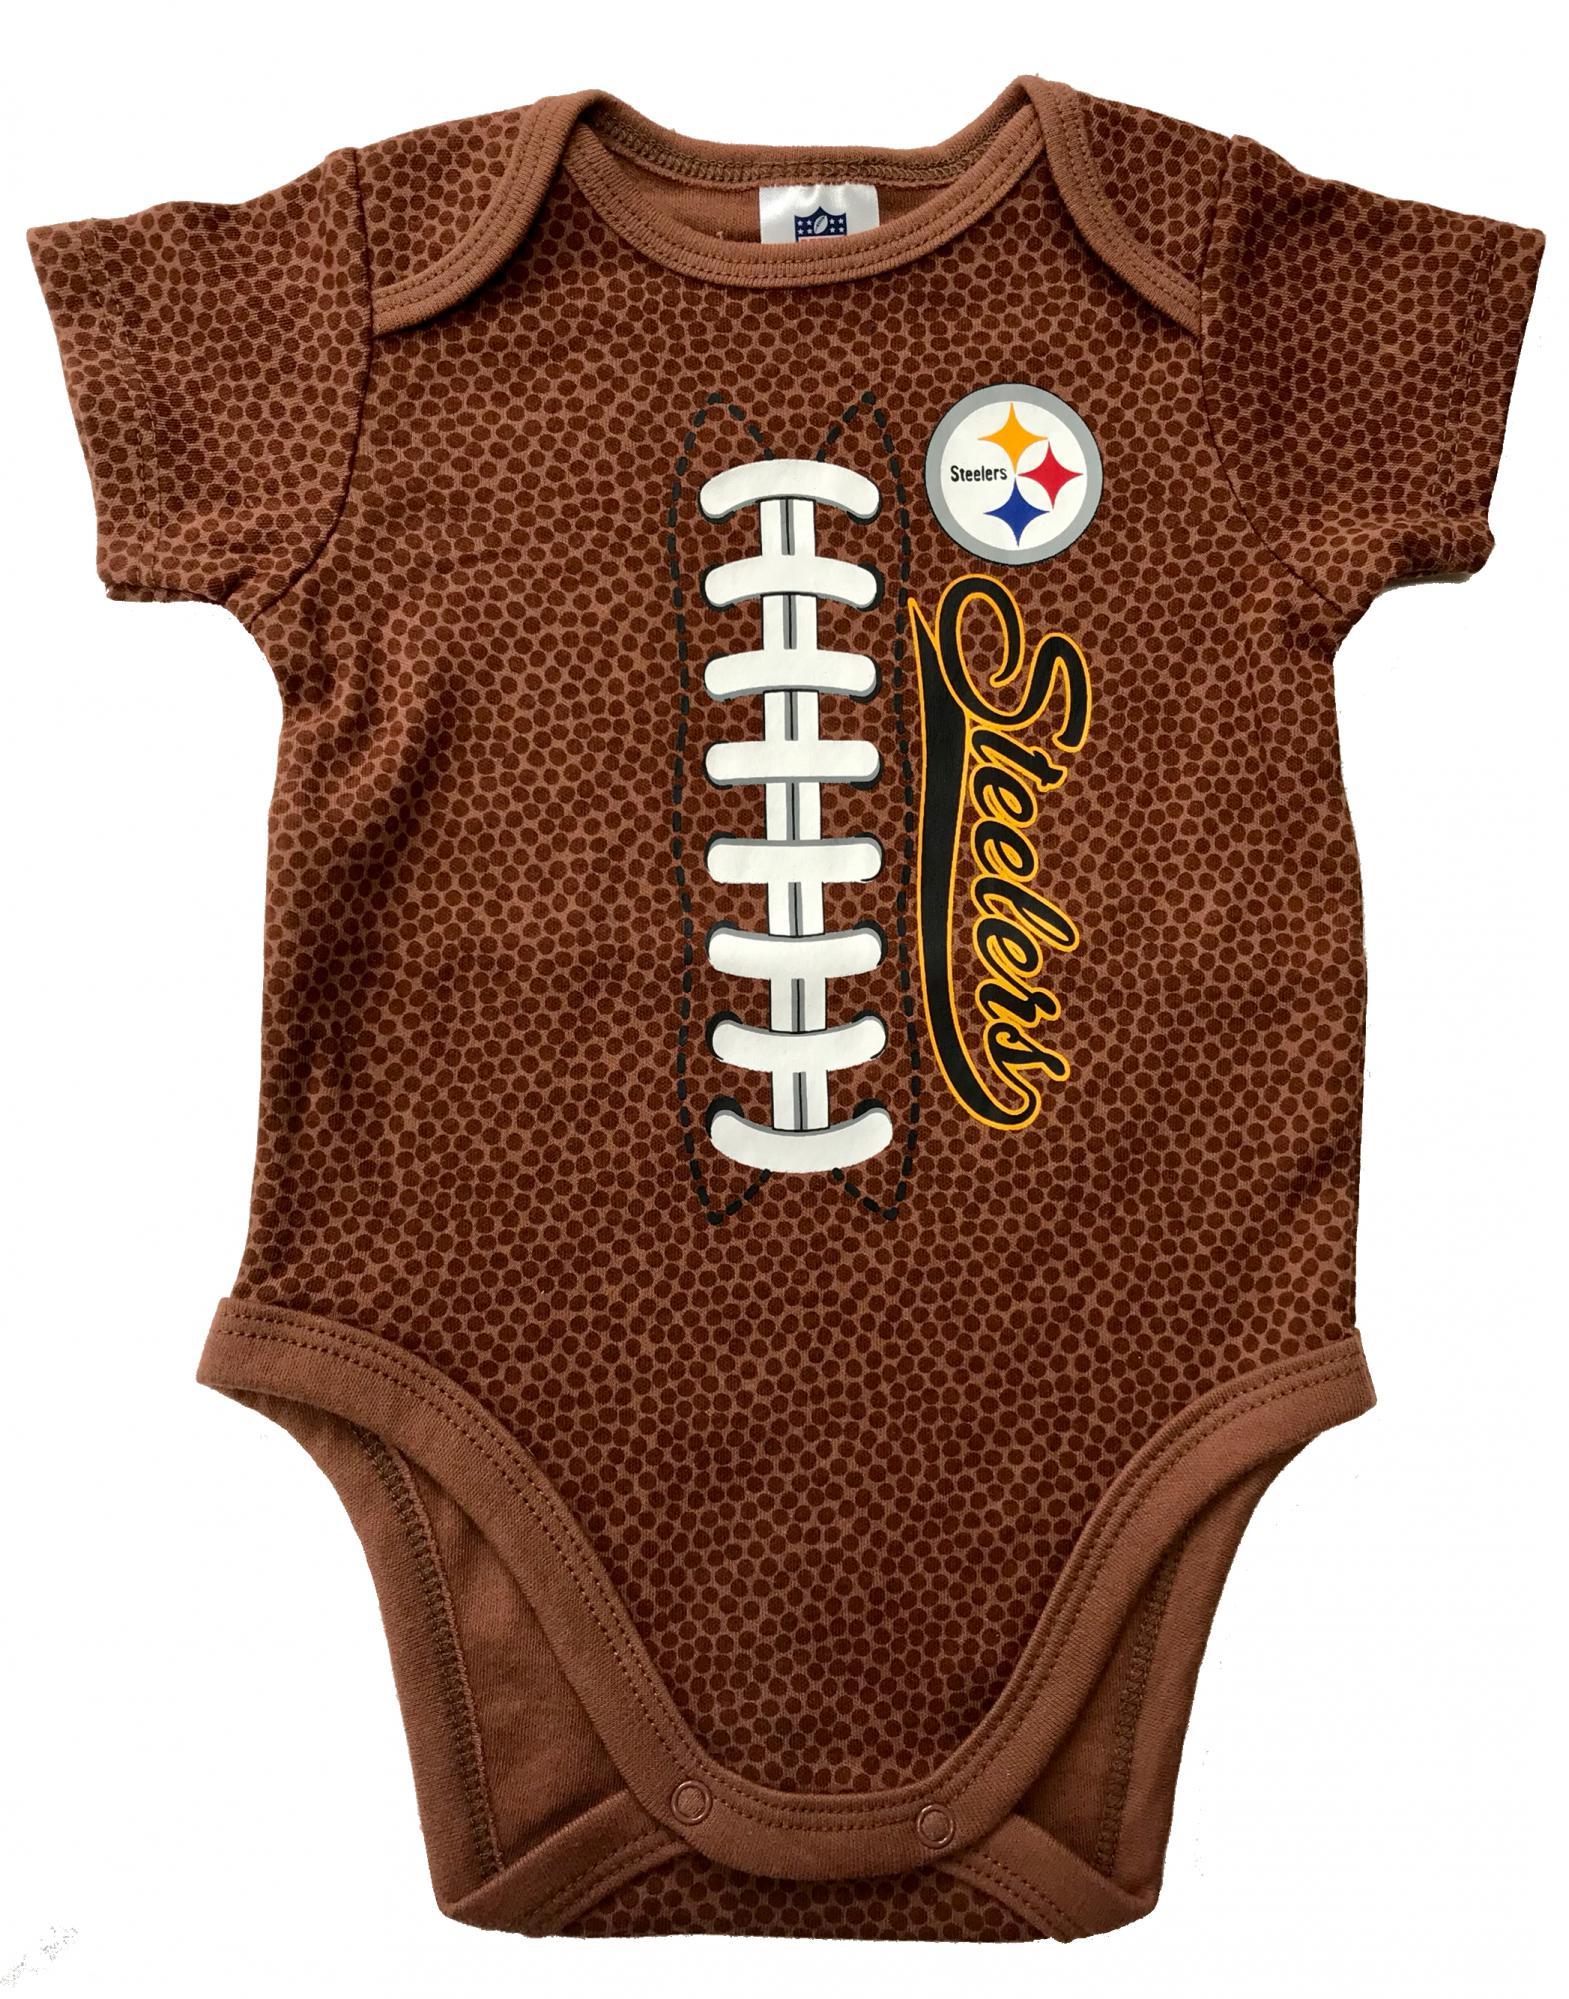 steelers-nfl-football-baby-bodysuit.JPG